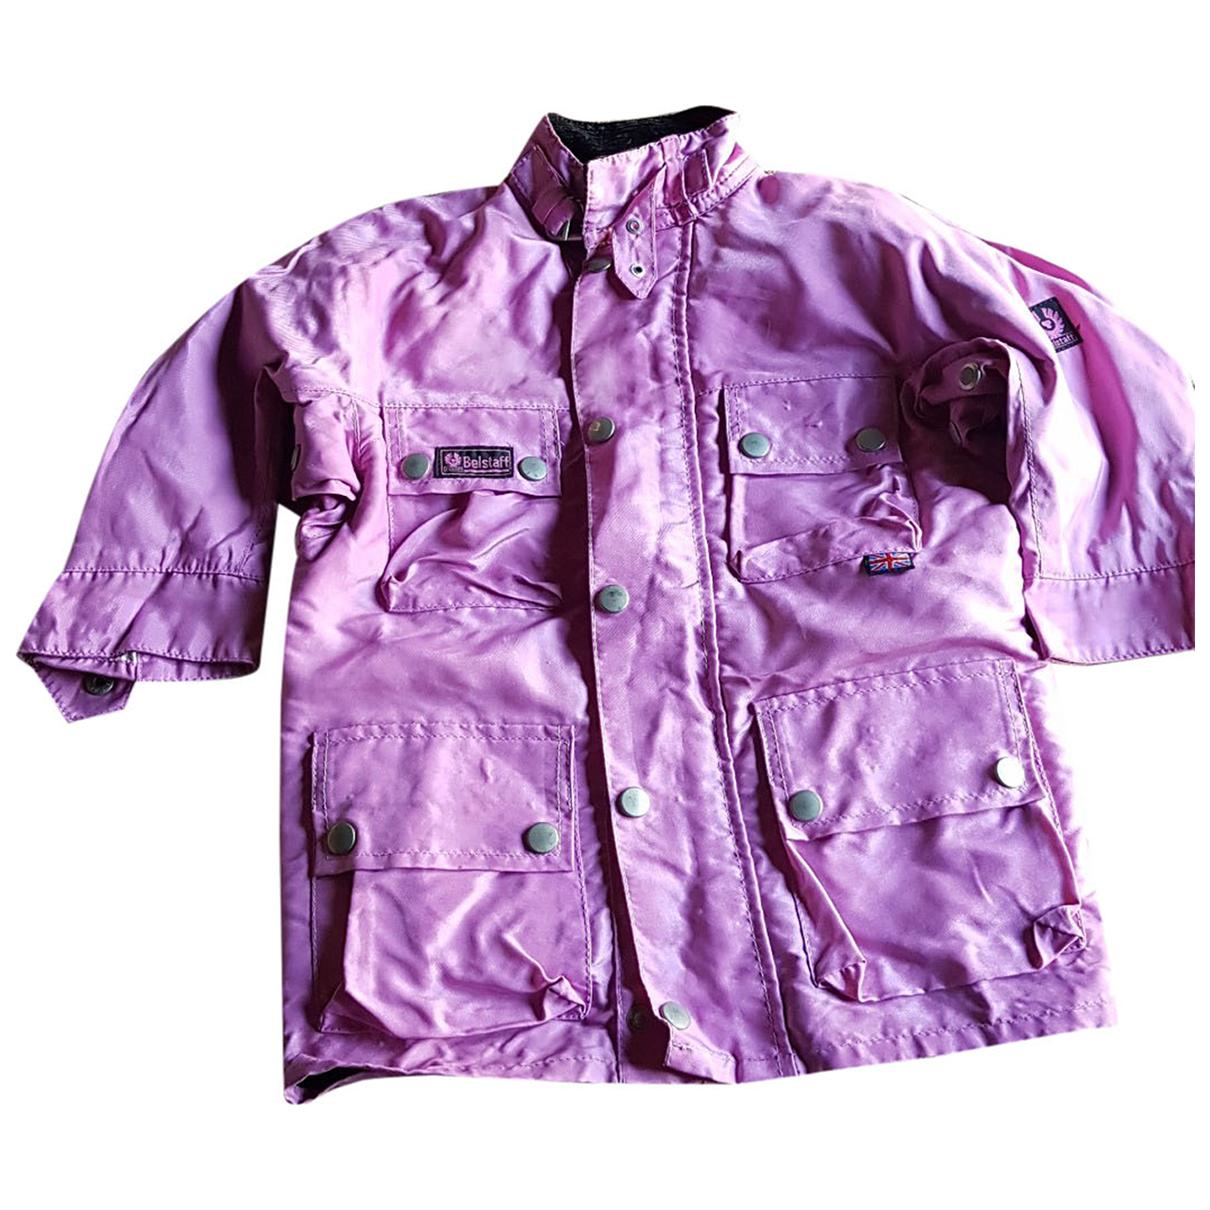 Belstaff - Blousons.Manteaux   pour enfant - rose